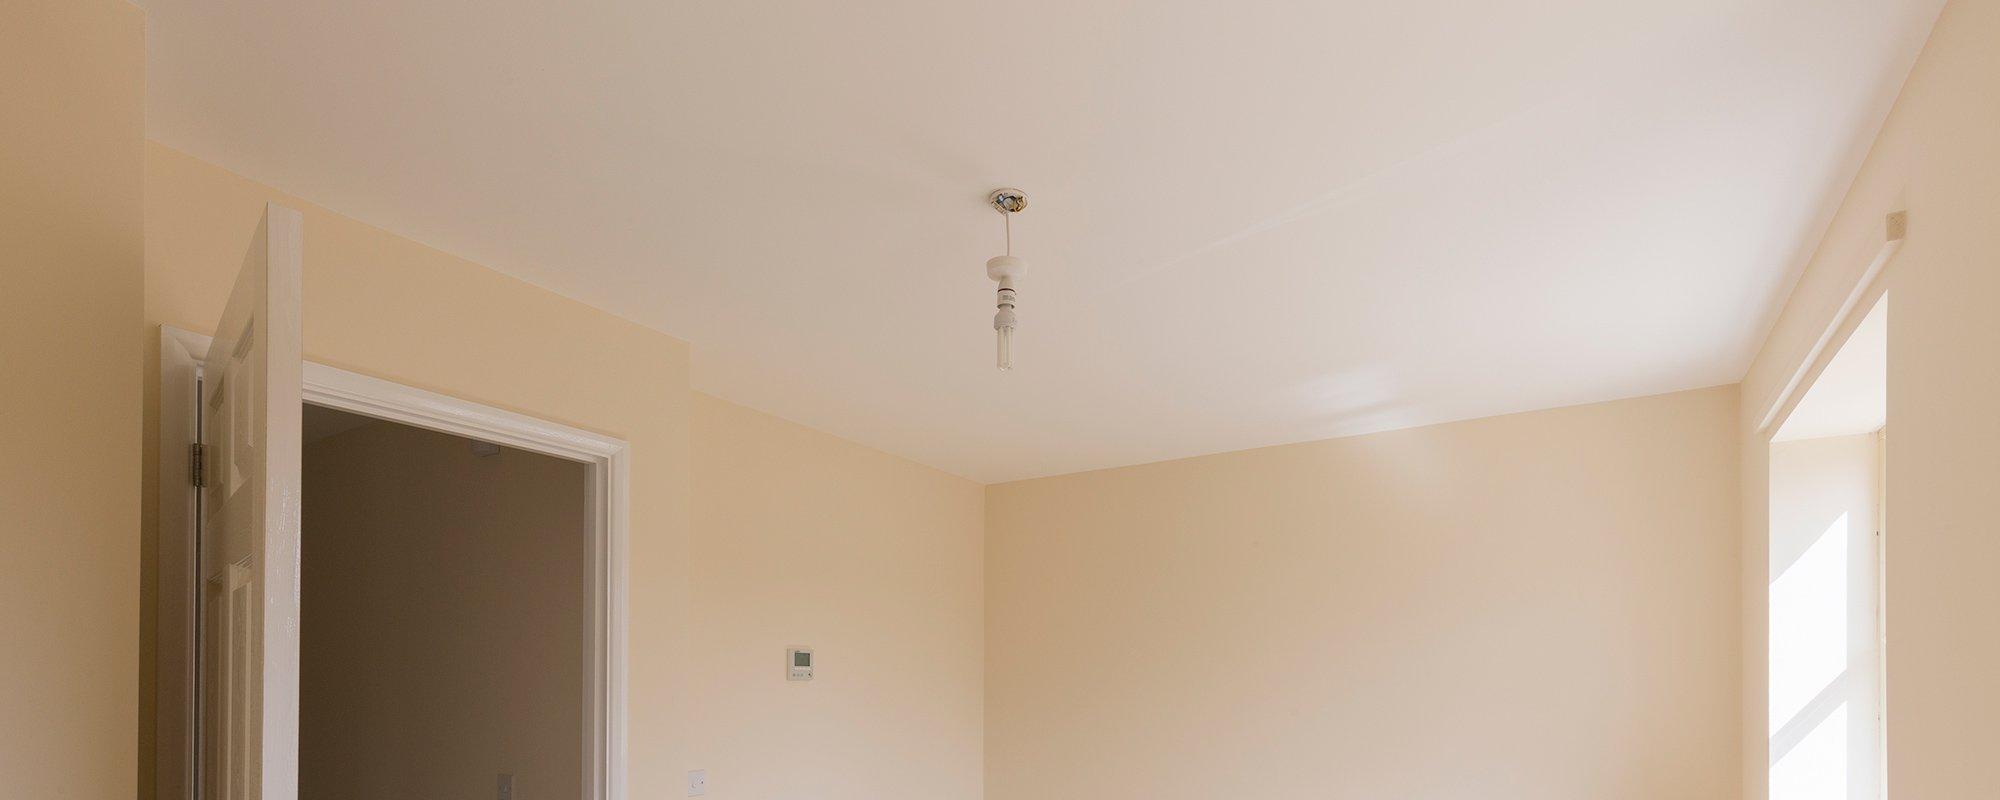 MF ceilings in Norfolk